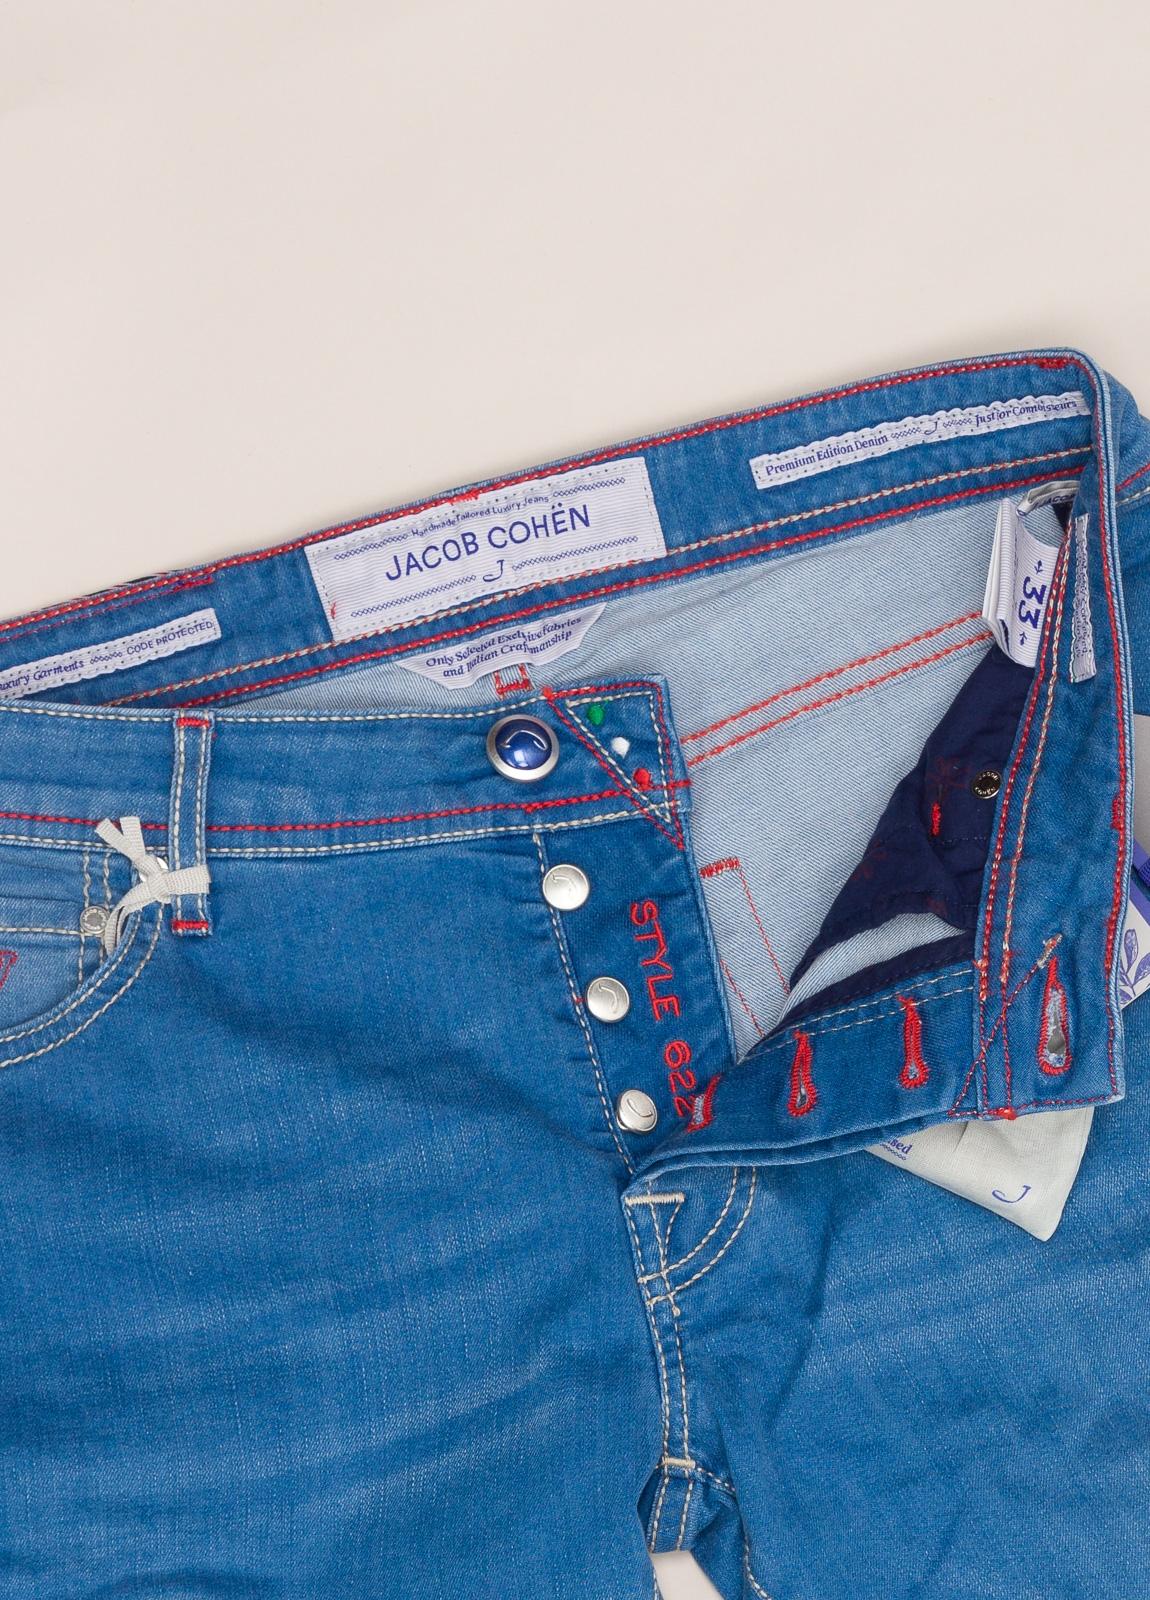 Pantalón tejano JACOB COHEN azul medio - Ítem3